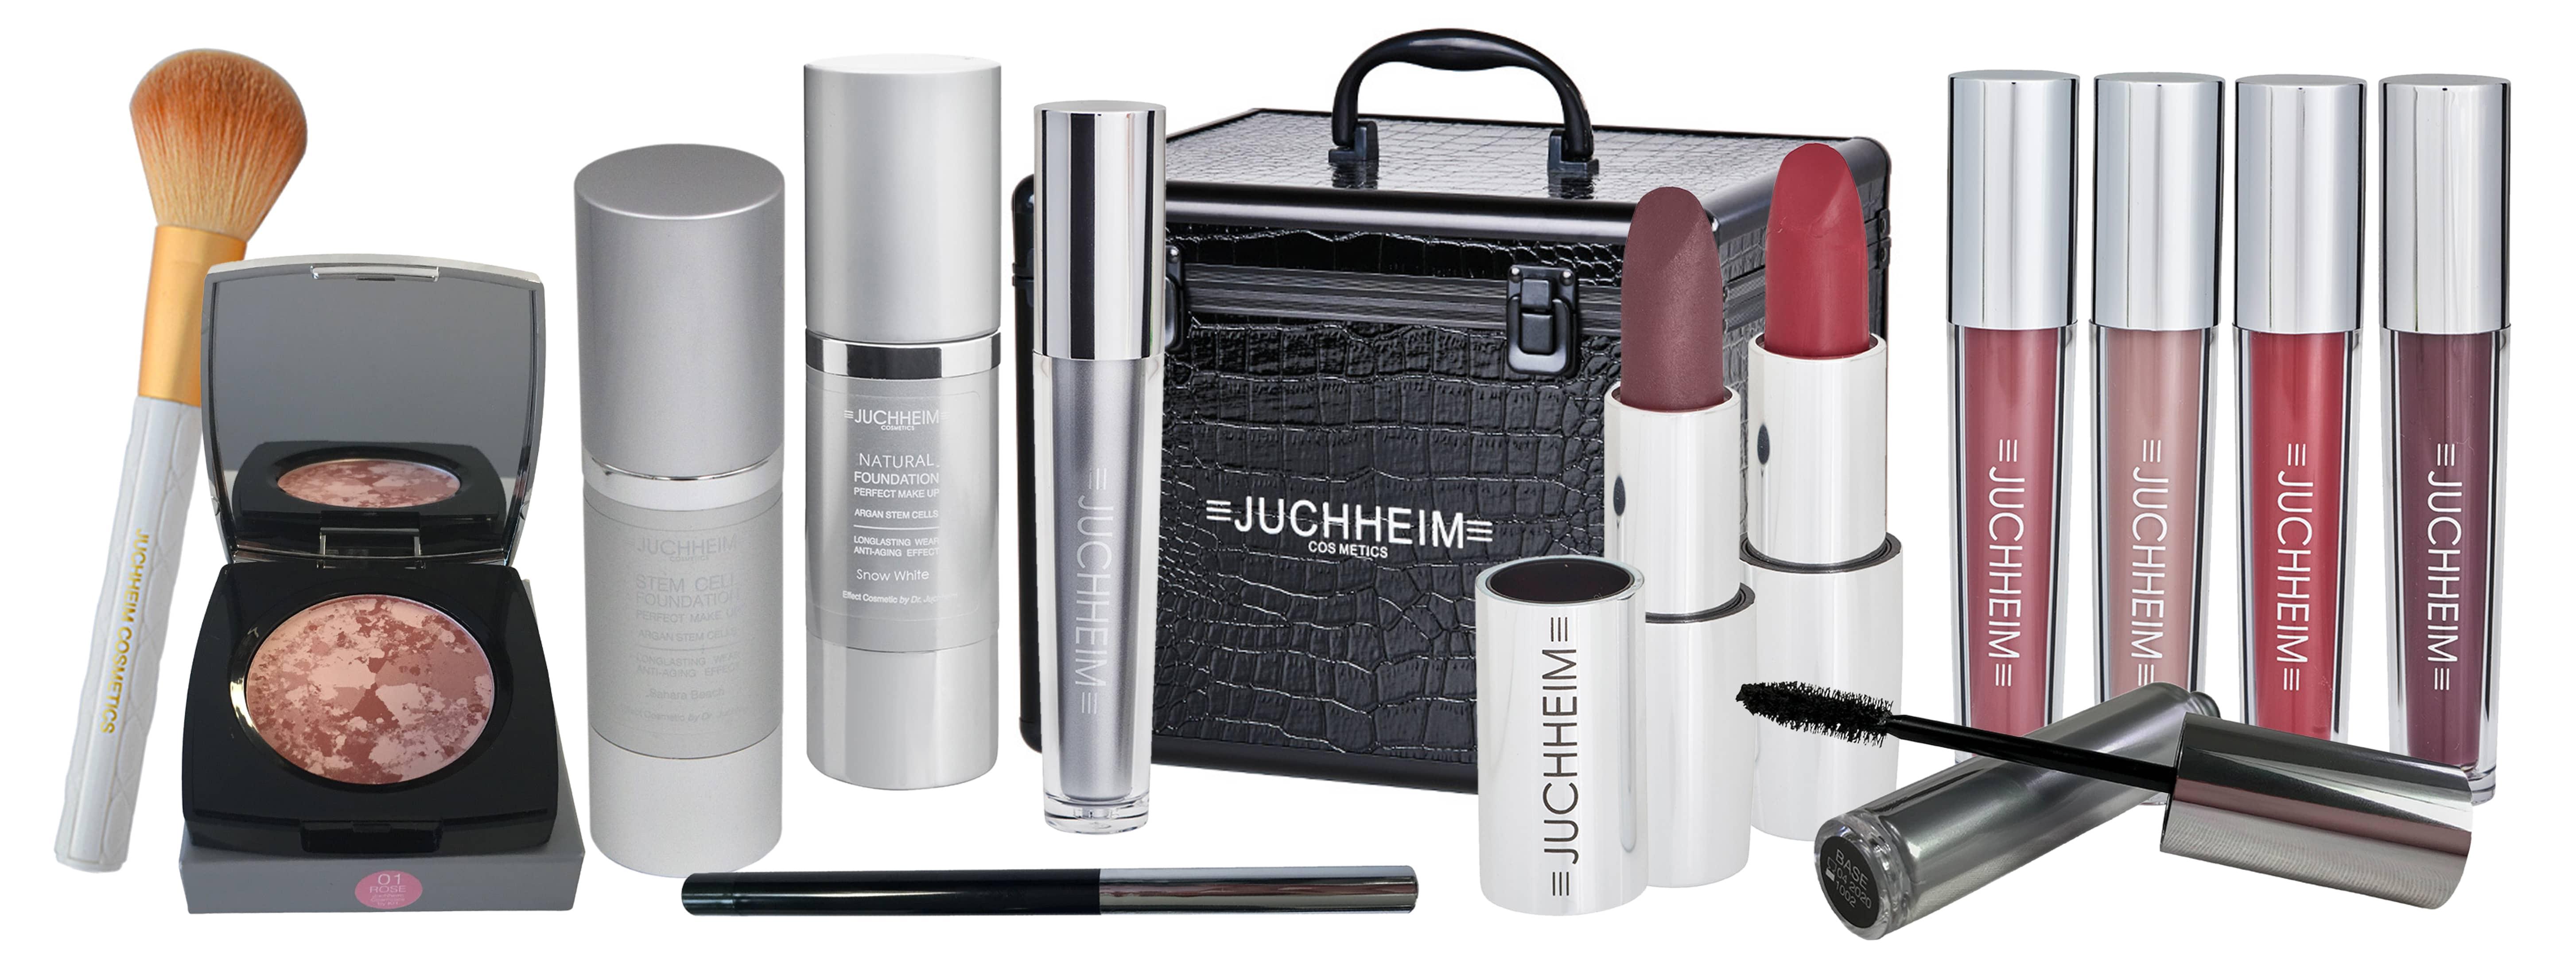 Dr. Juchheim Dekorative Kosmetik Übersicht